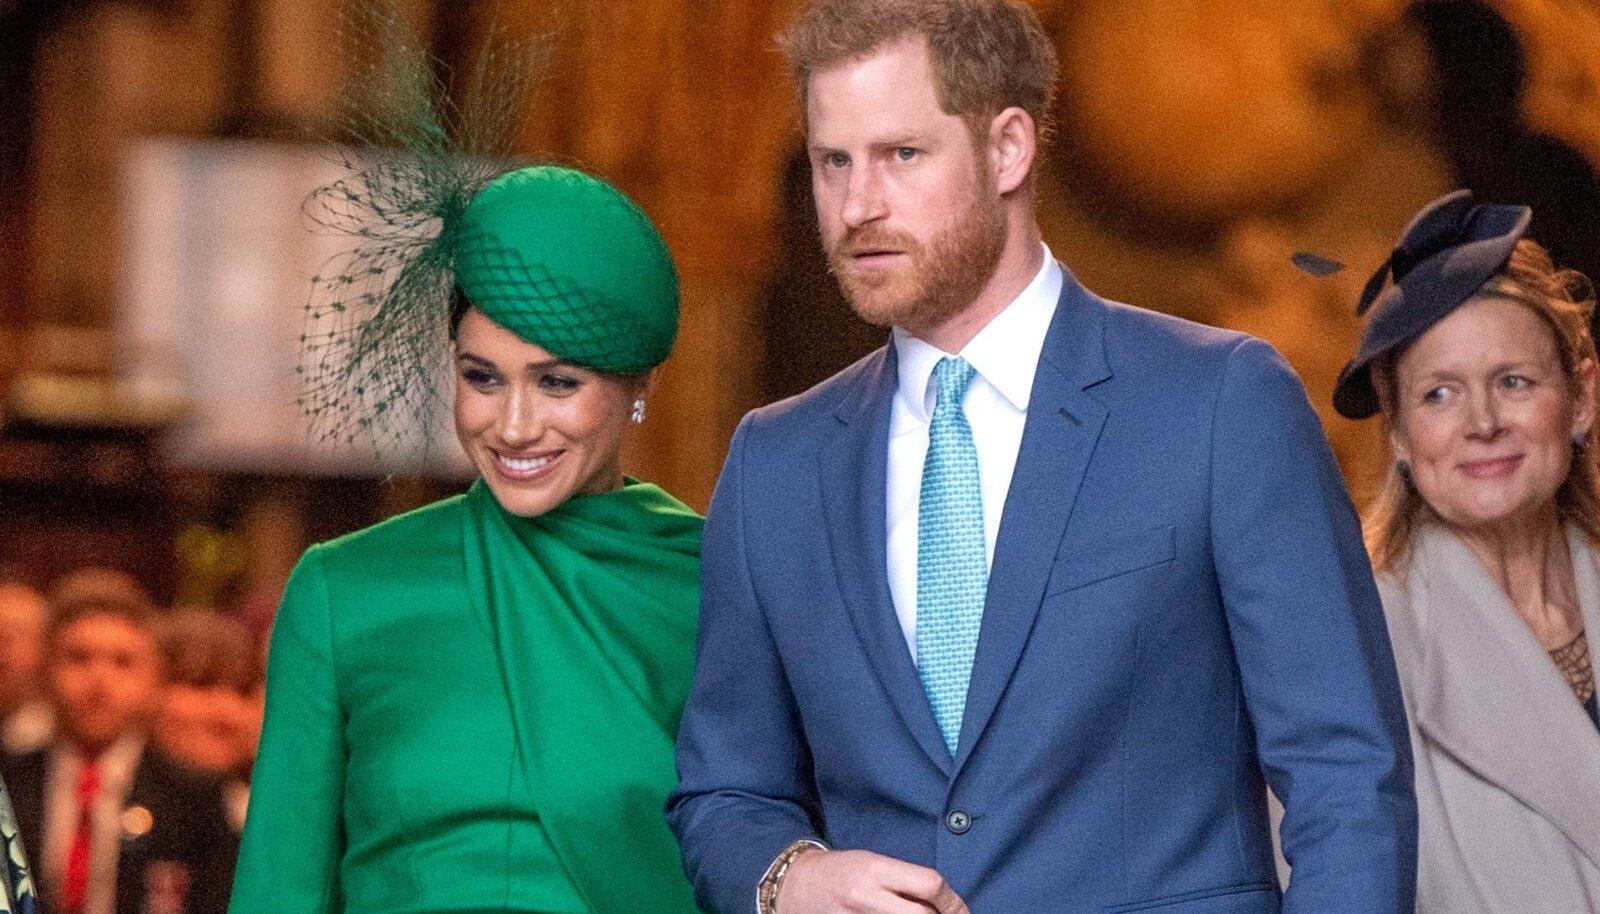 PRINTS, KES ENAM EI NAERATA Harry muutus viimasel aastal Meghani kõrval tõsiseks - naeratus kadus tema suult sootuks. Kui Harry Westminster Abbeysse jõudes autost väljus, soovitas Meghan tal naeratada, kuid Hollywoodi näitlejal tuli halva mängu juures hea näo tegemine paremini välja.